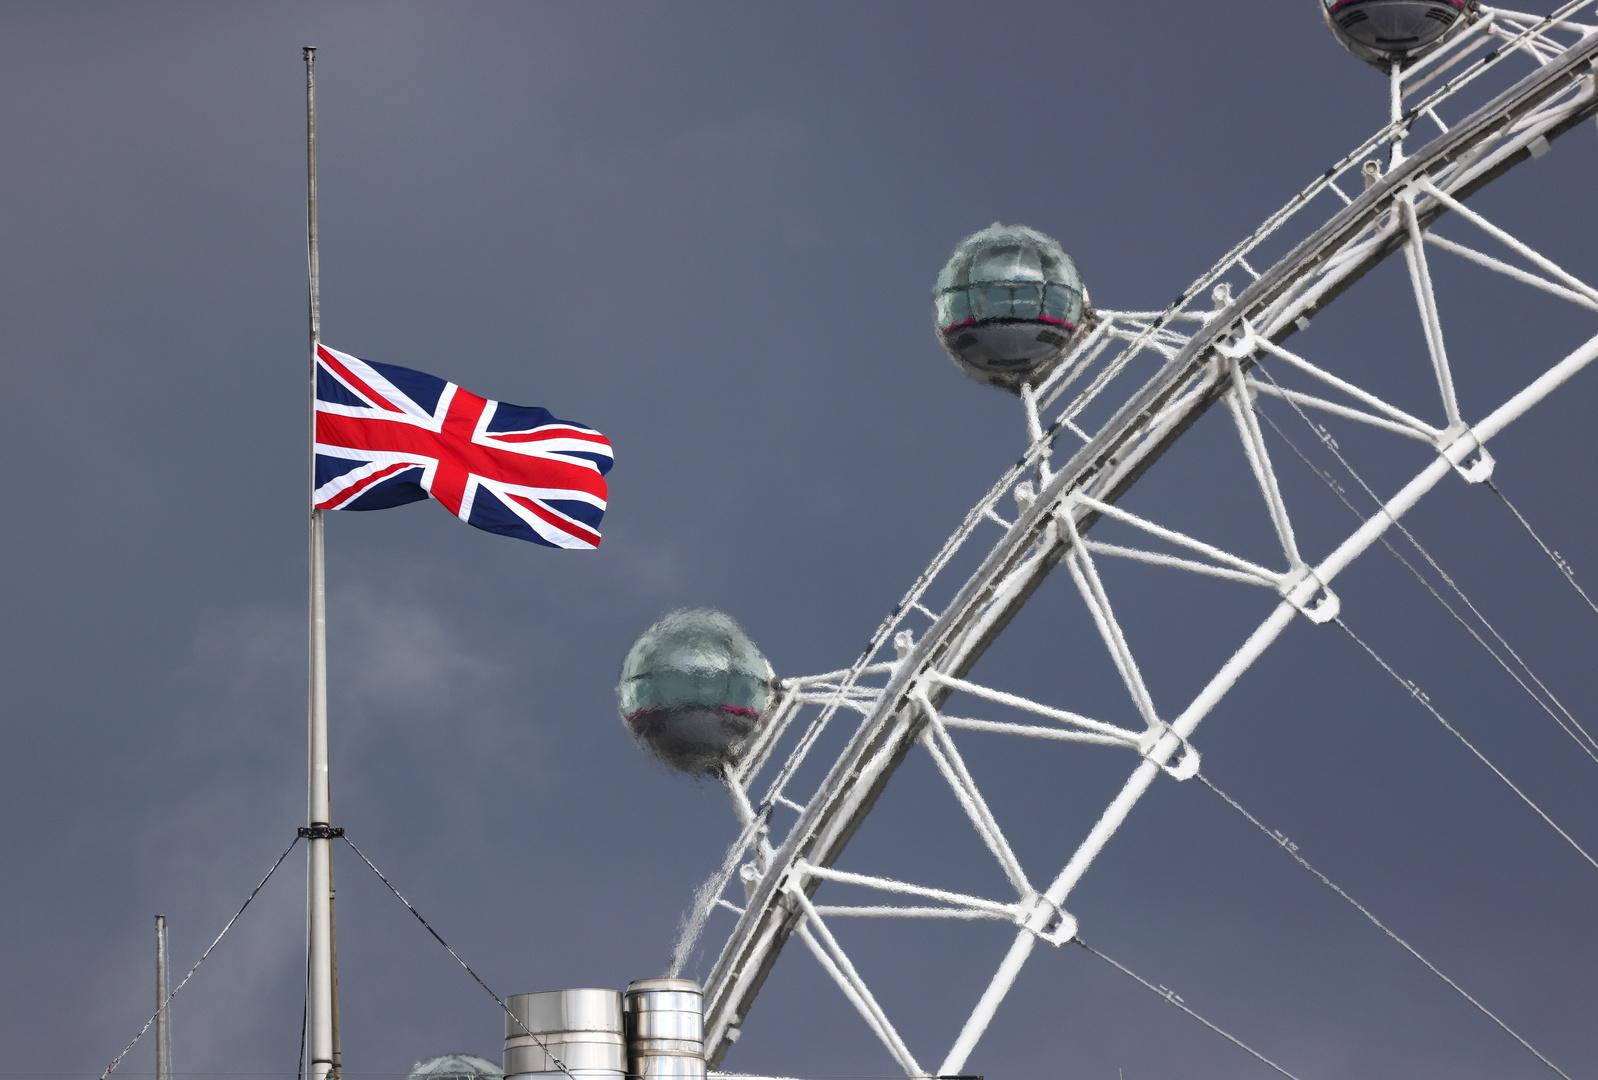 بريطانيا تشكل مجموعة عالمية للتصدي لأوبئة في المستقبل